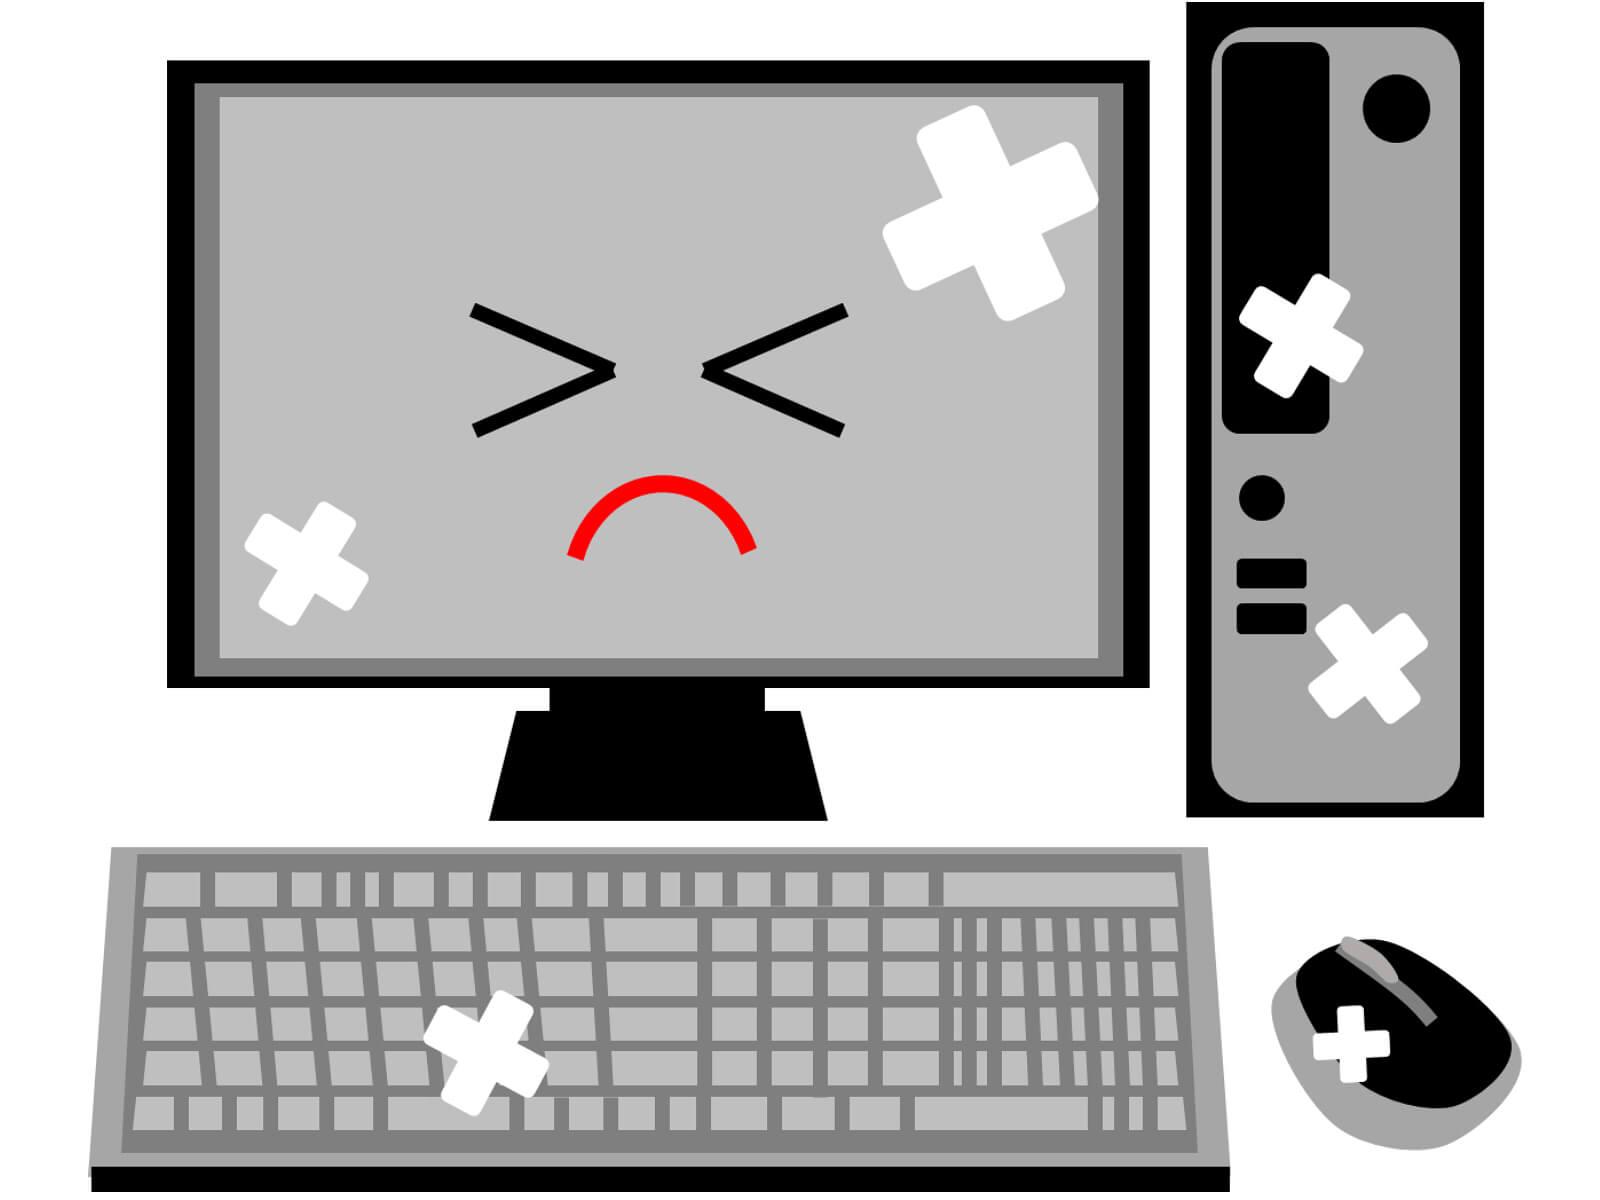 パソコンが停電のダメージを受けた場合は?